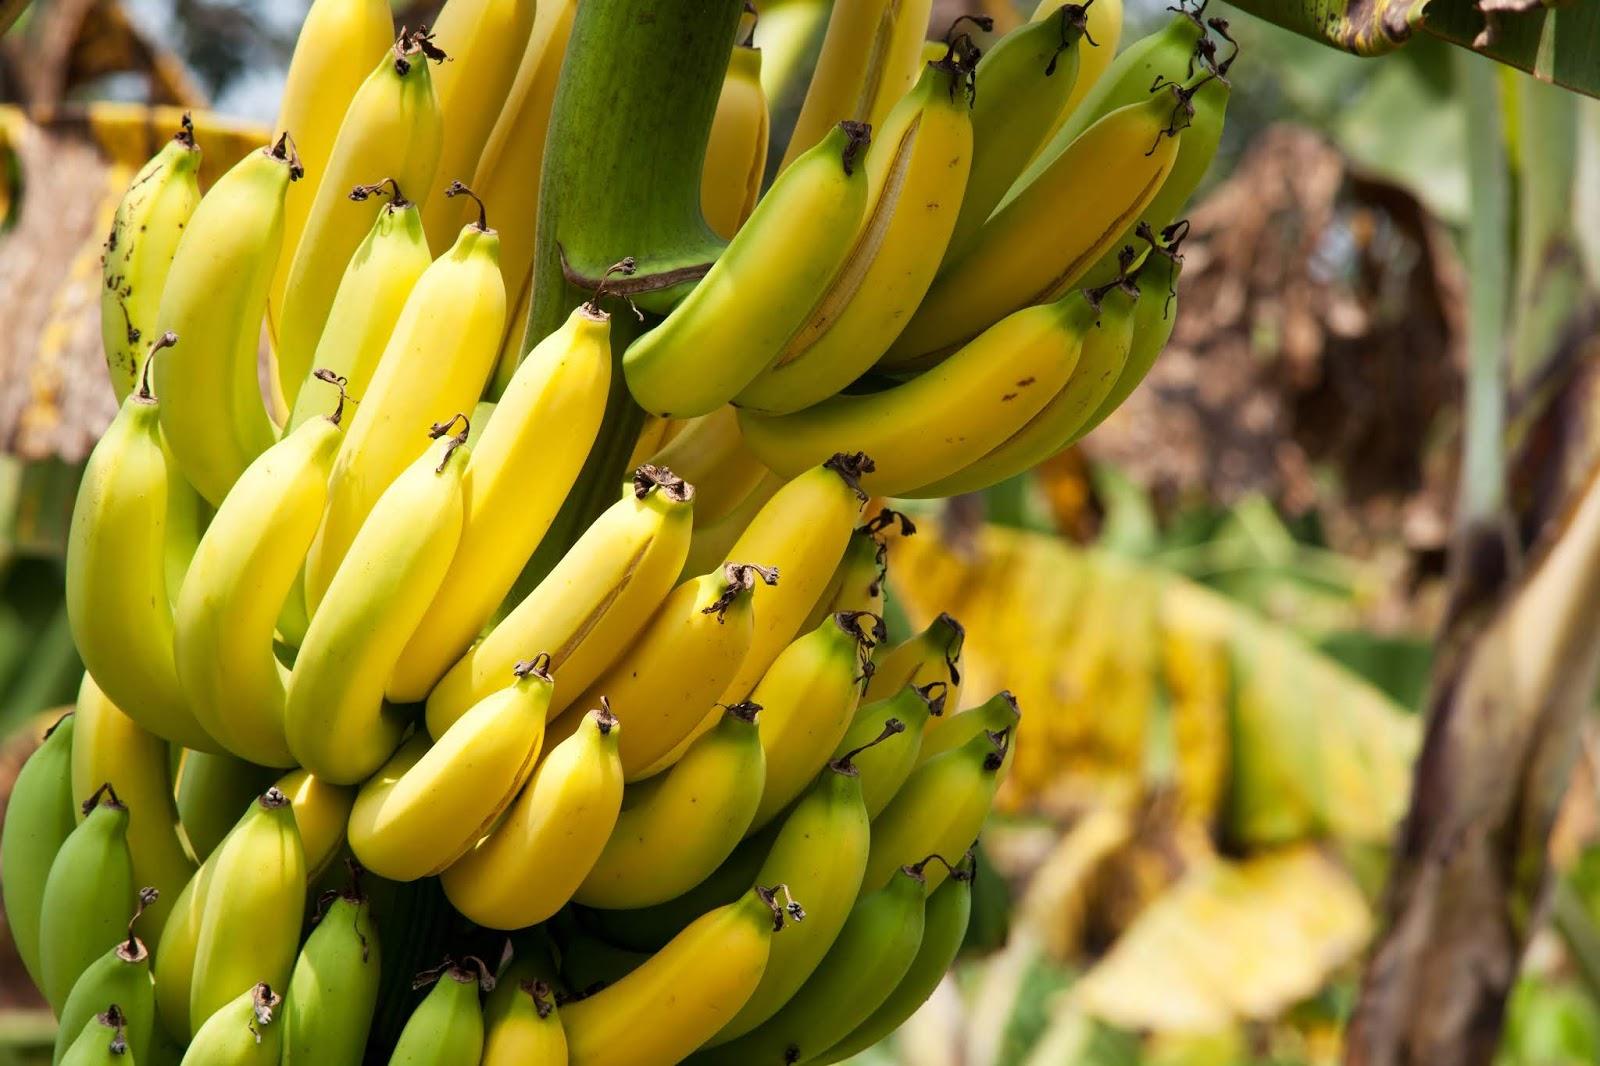 der postillon bundeslandwirtschaftsministerium rechnet 2018 mit bananen rekordernte. Black Bedroom Furniture Sets. Home Design Ideas